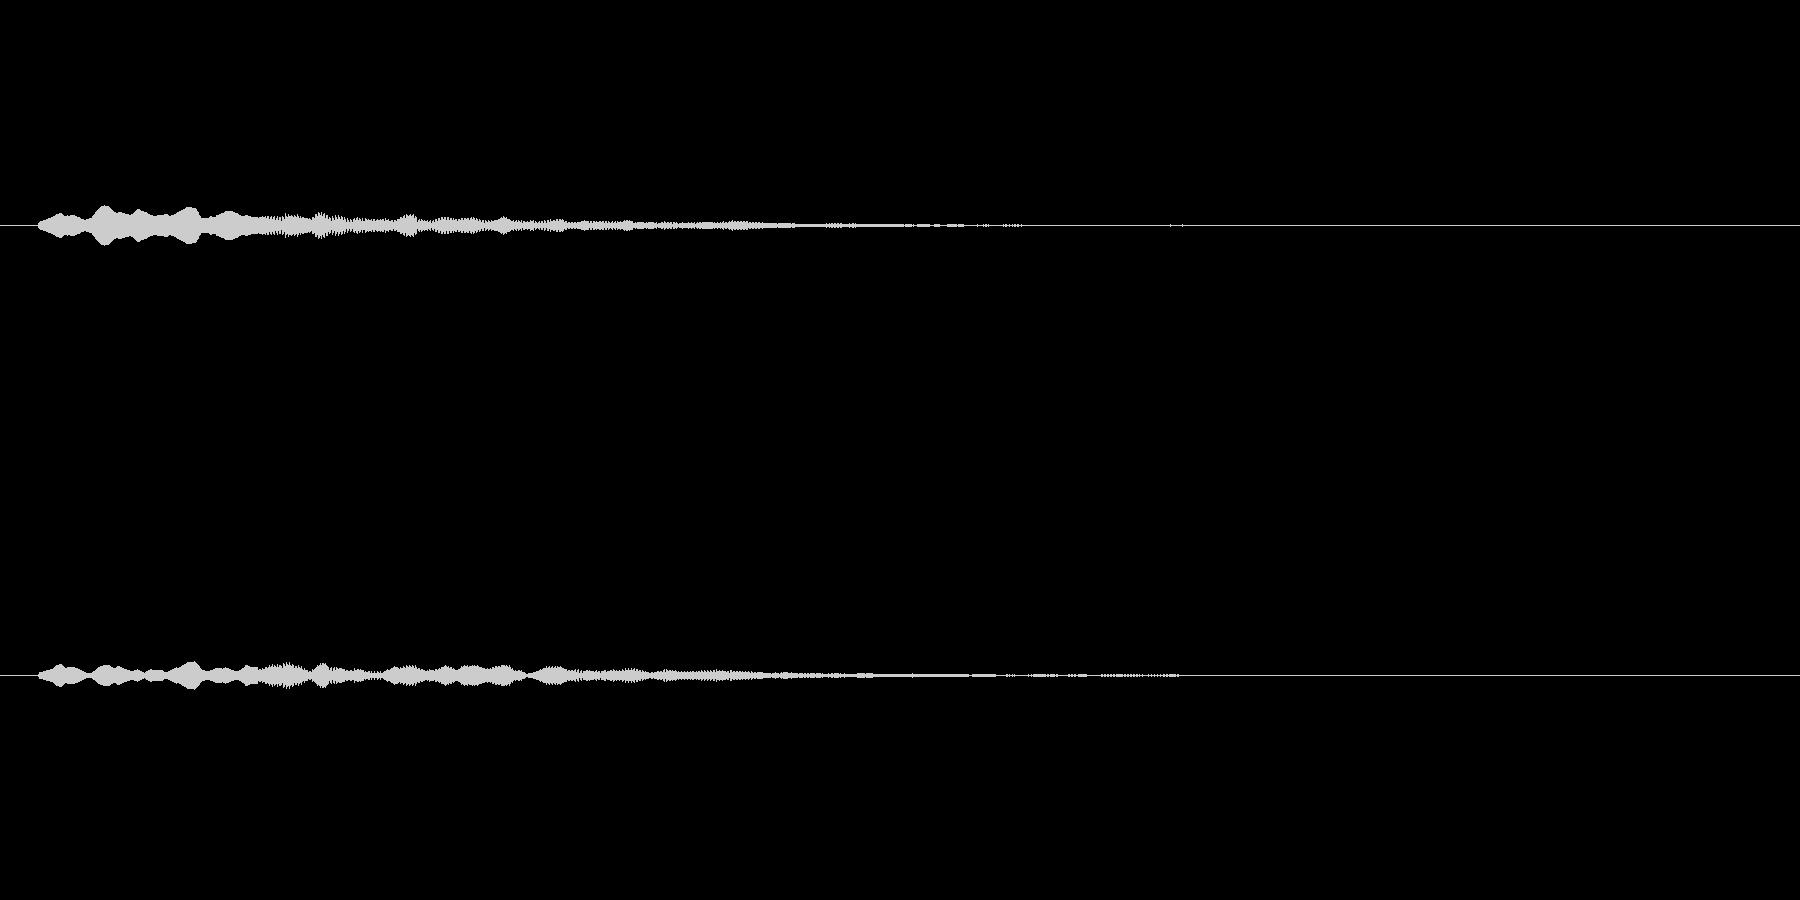 ファーファー(サウンドロゴ)の未再生の波形